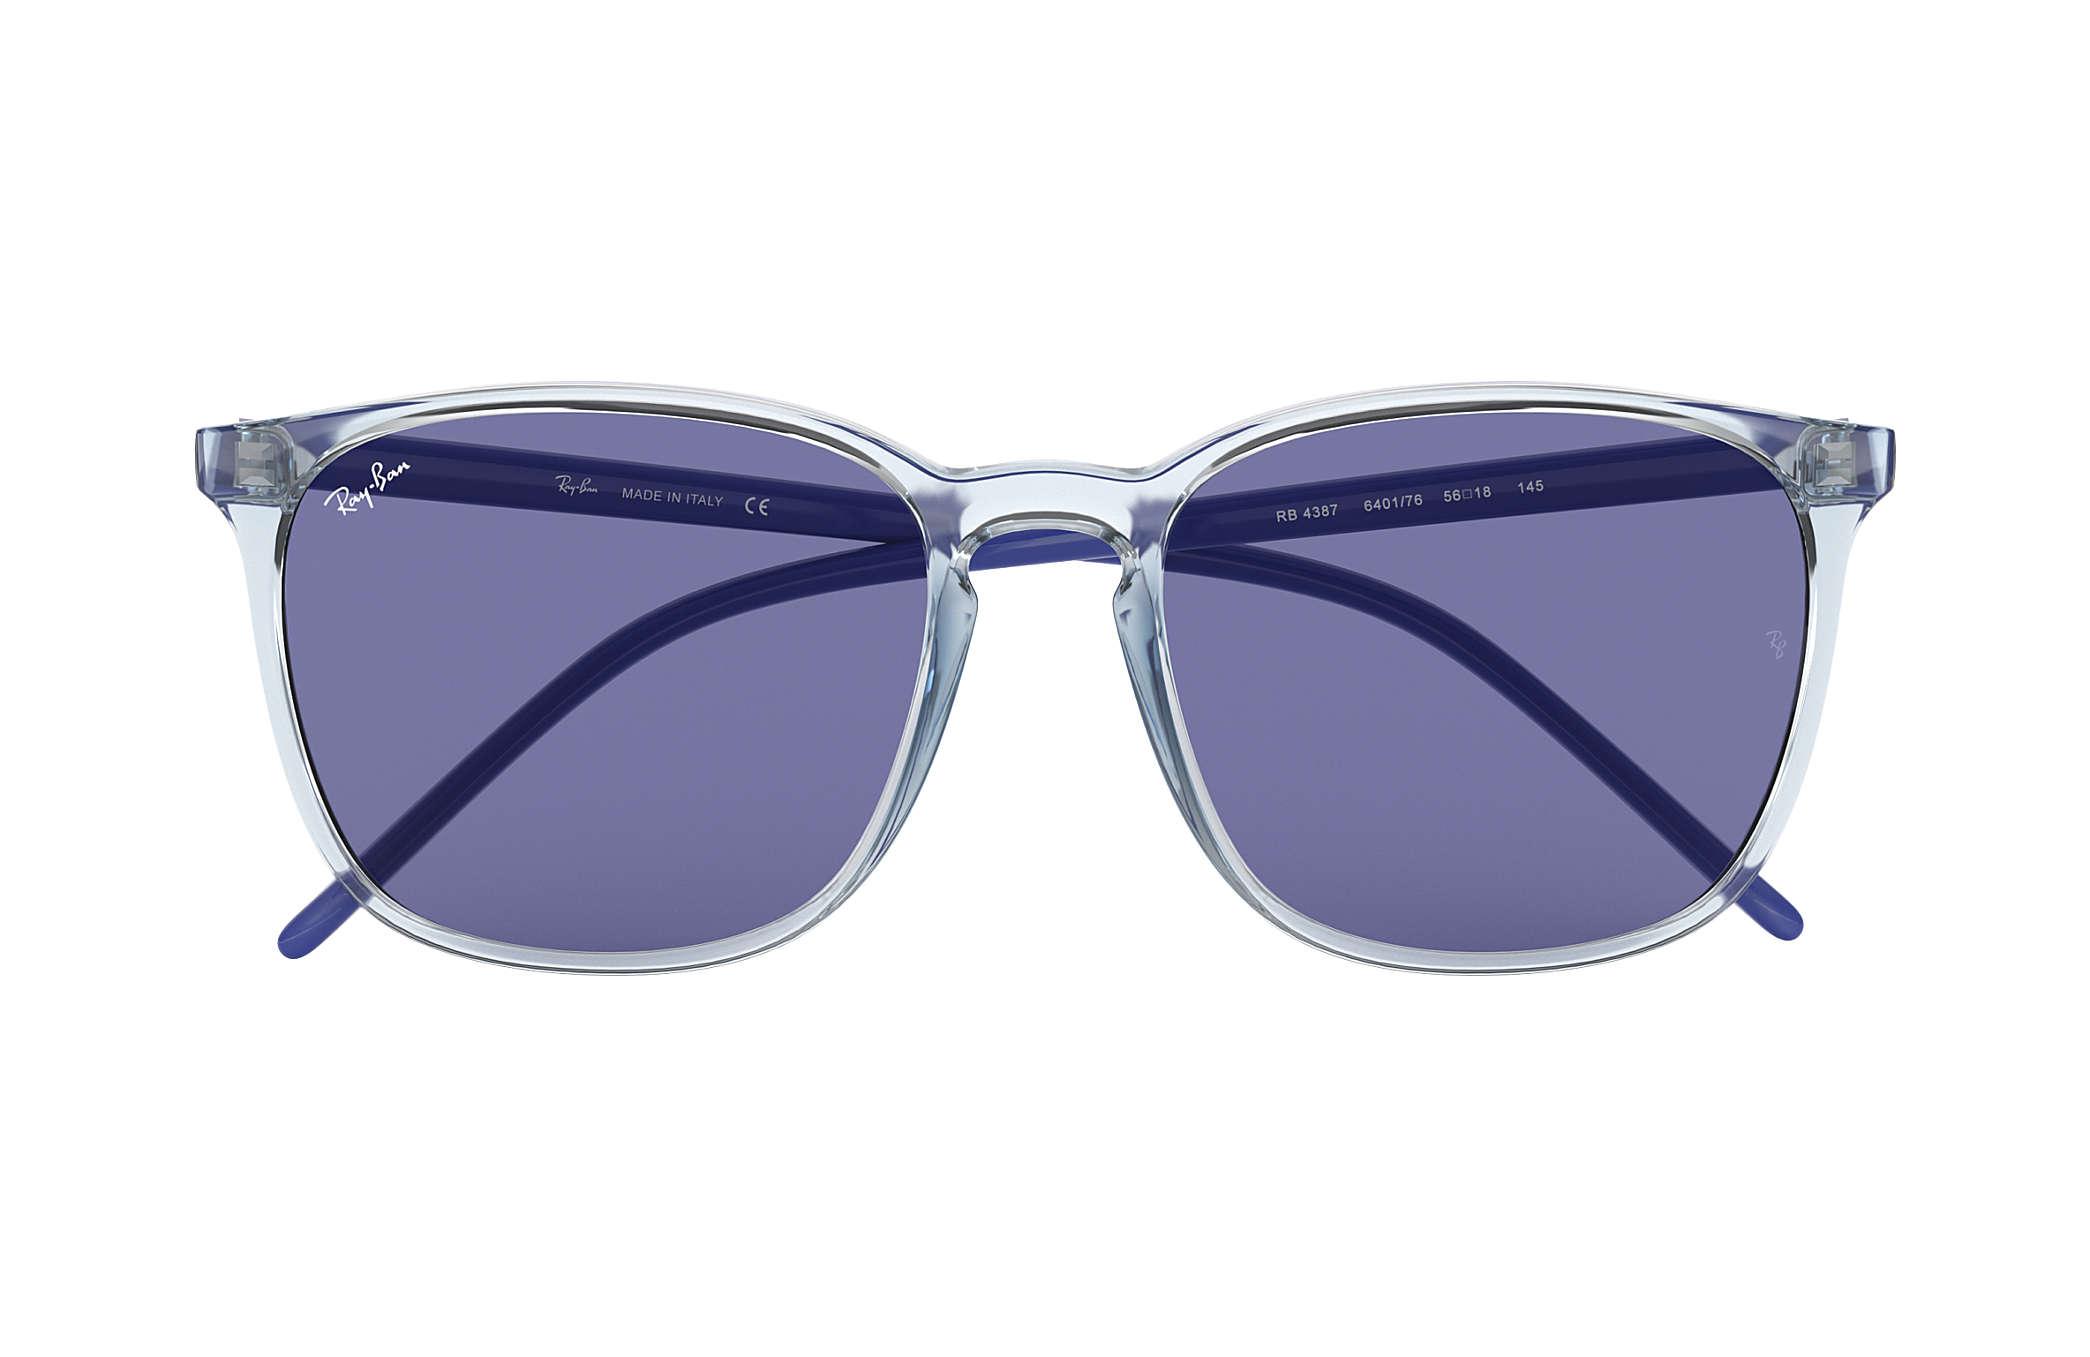 b14c967846b Ray-Ban RB4387 Light Blue - Nylon - Dark Violet Lenses ...